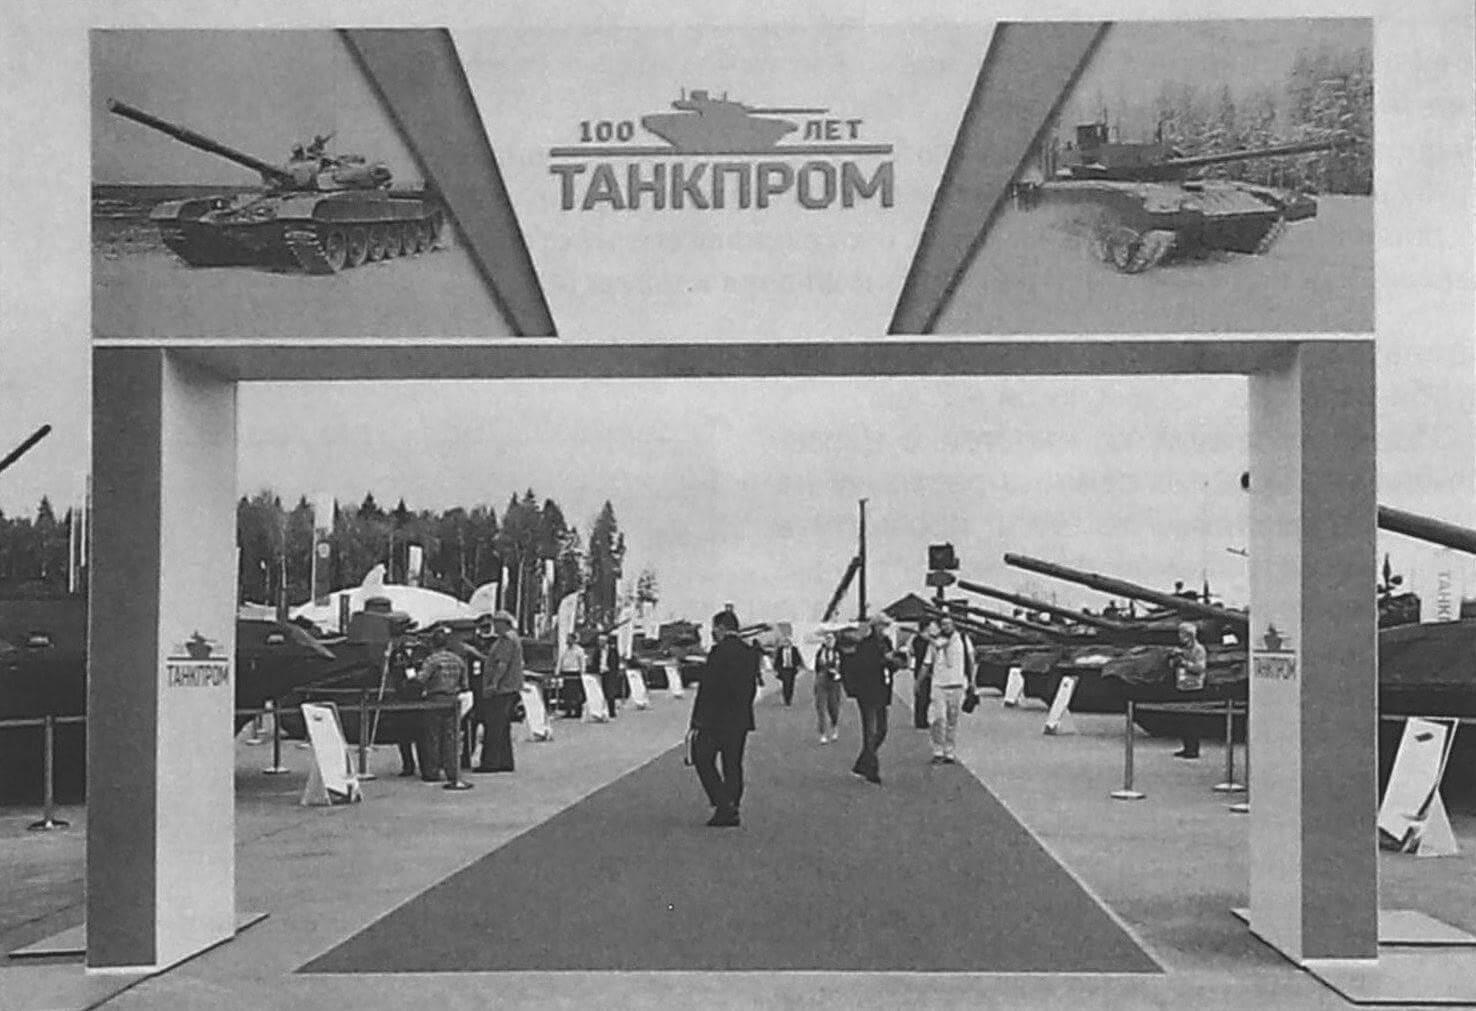 Большой интерес у посетителей выставки вызвала специальная экспозиция, посвященная 100-летню отечественной танковой промышленности